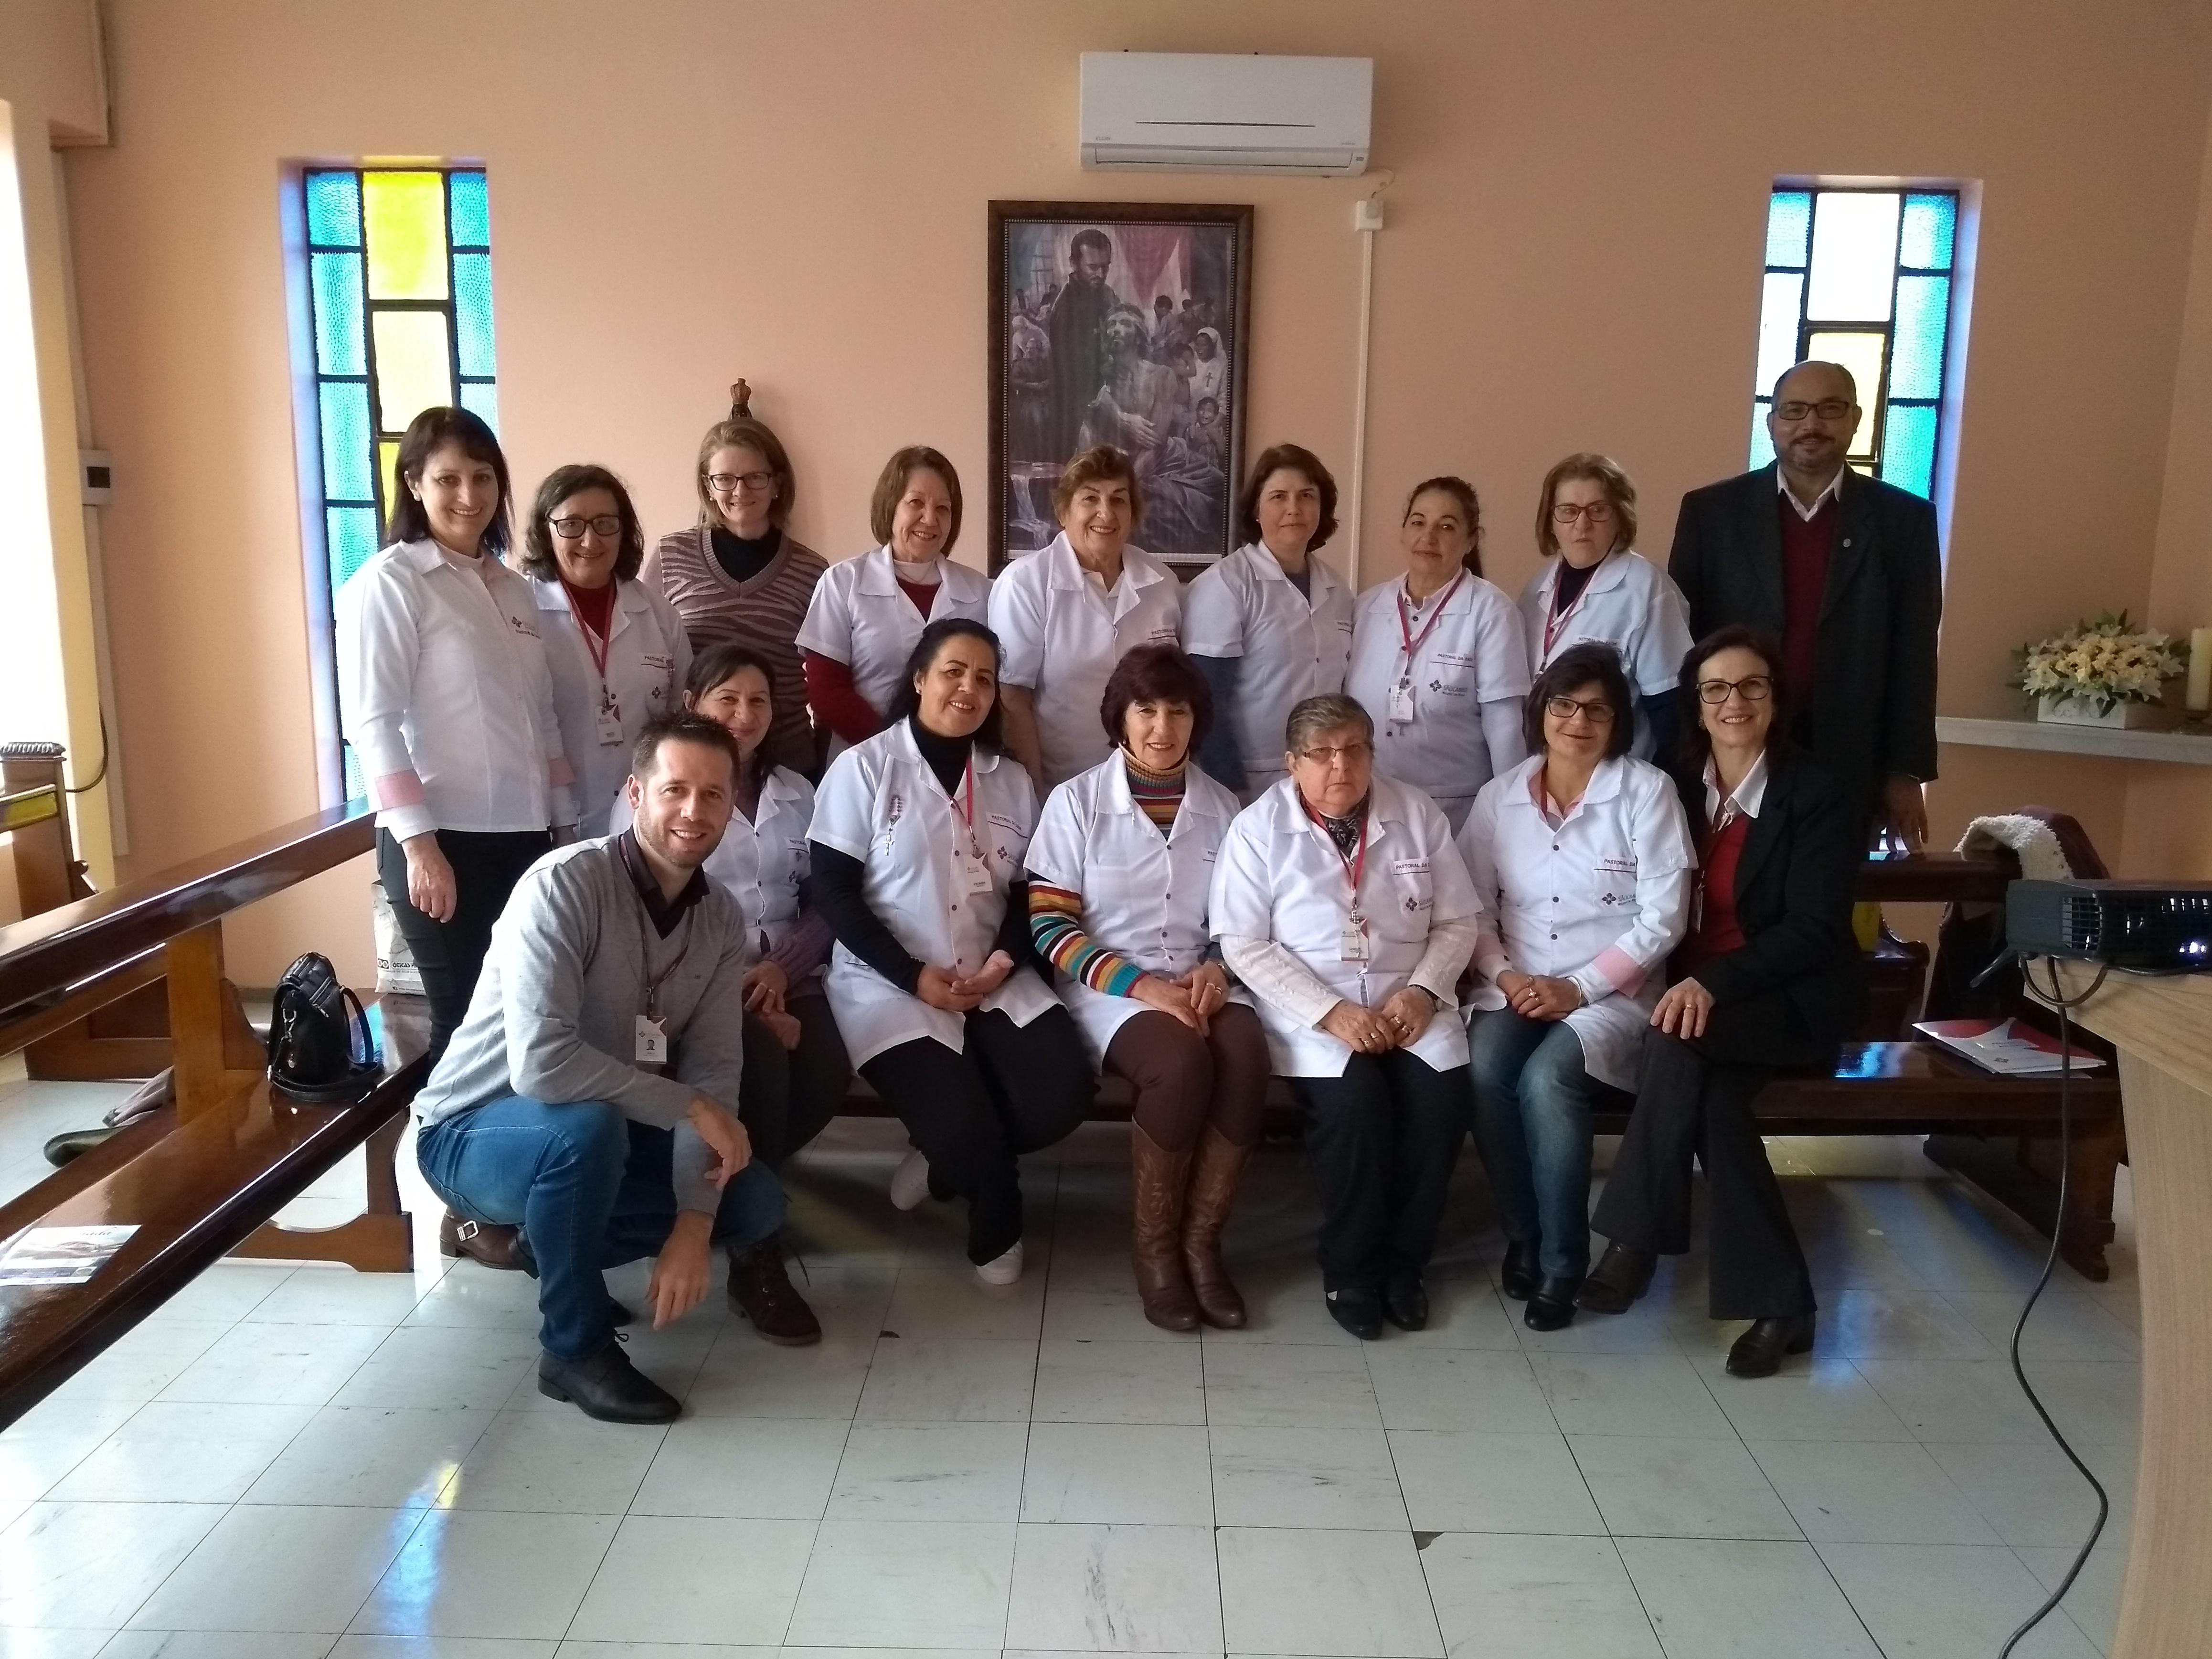 REUNIÃO PARA PREPARAÇÃO DA IX JORNADA DA PASTORAL DA SAÚDE SÃO CAMILO/HOSPITAL SÃO ROQUE SEARA SC